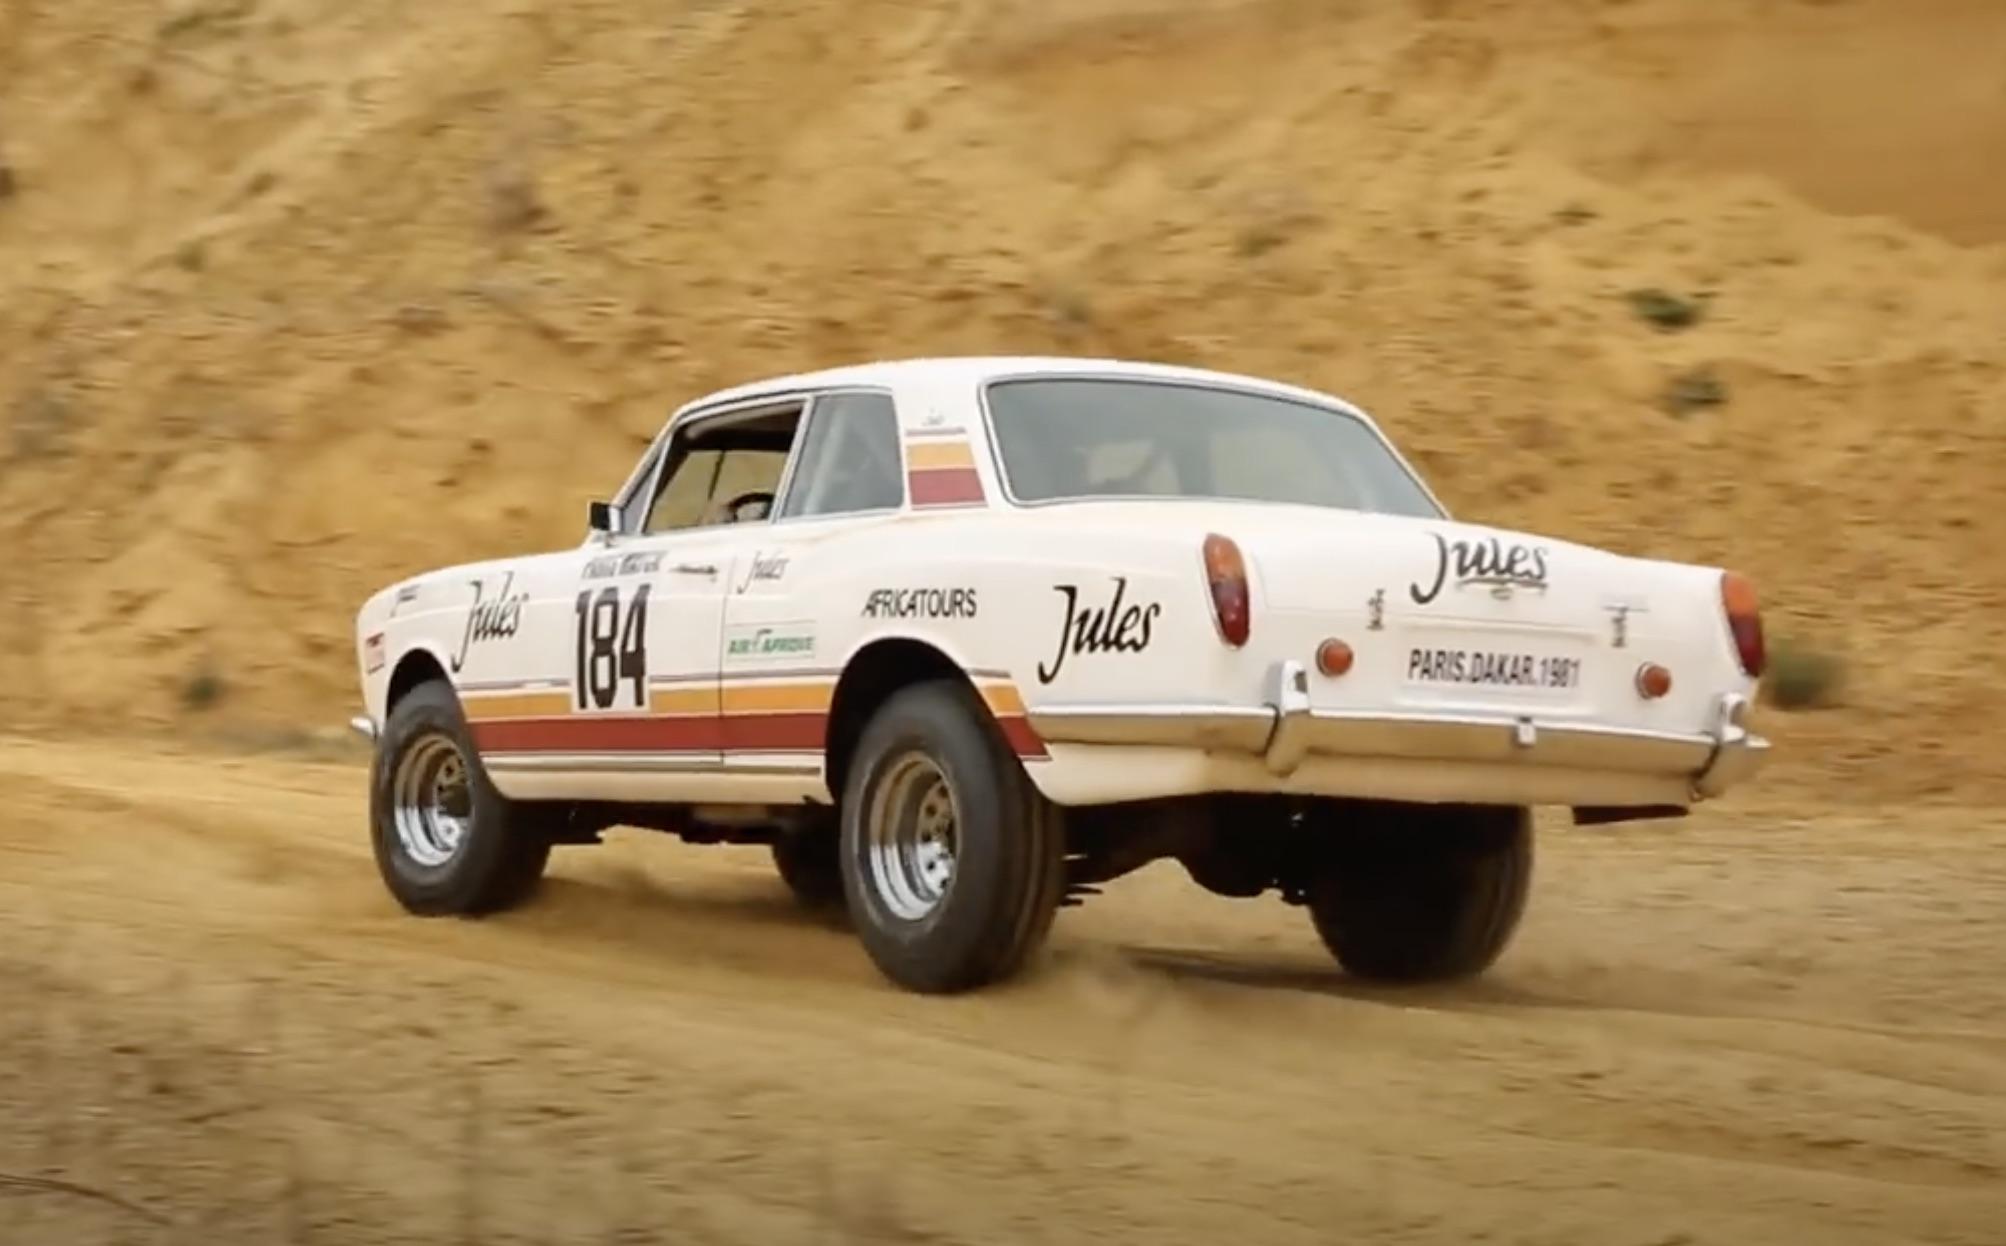 High Roller: The 1981 Rolls-Royce Corniche Coupé That Ran The Paris-Dakar